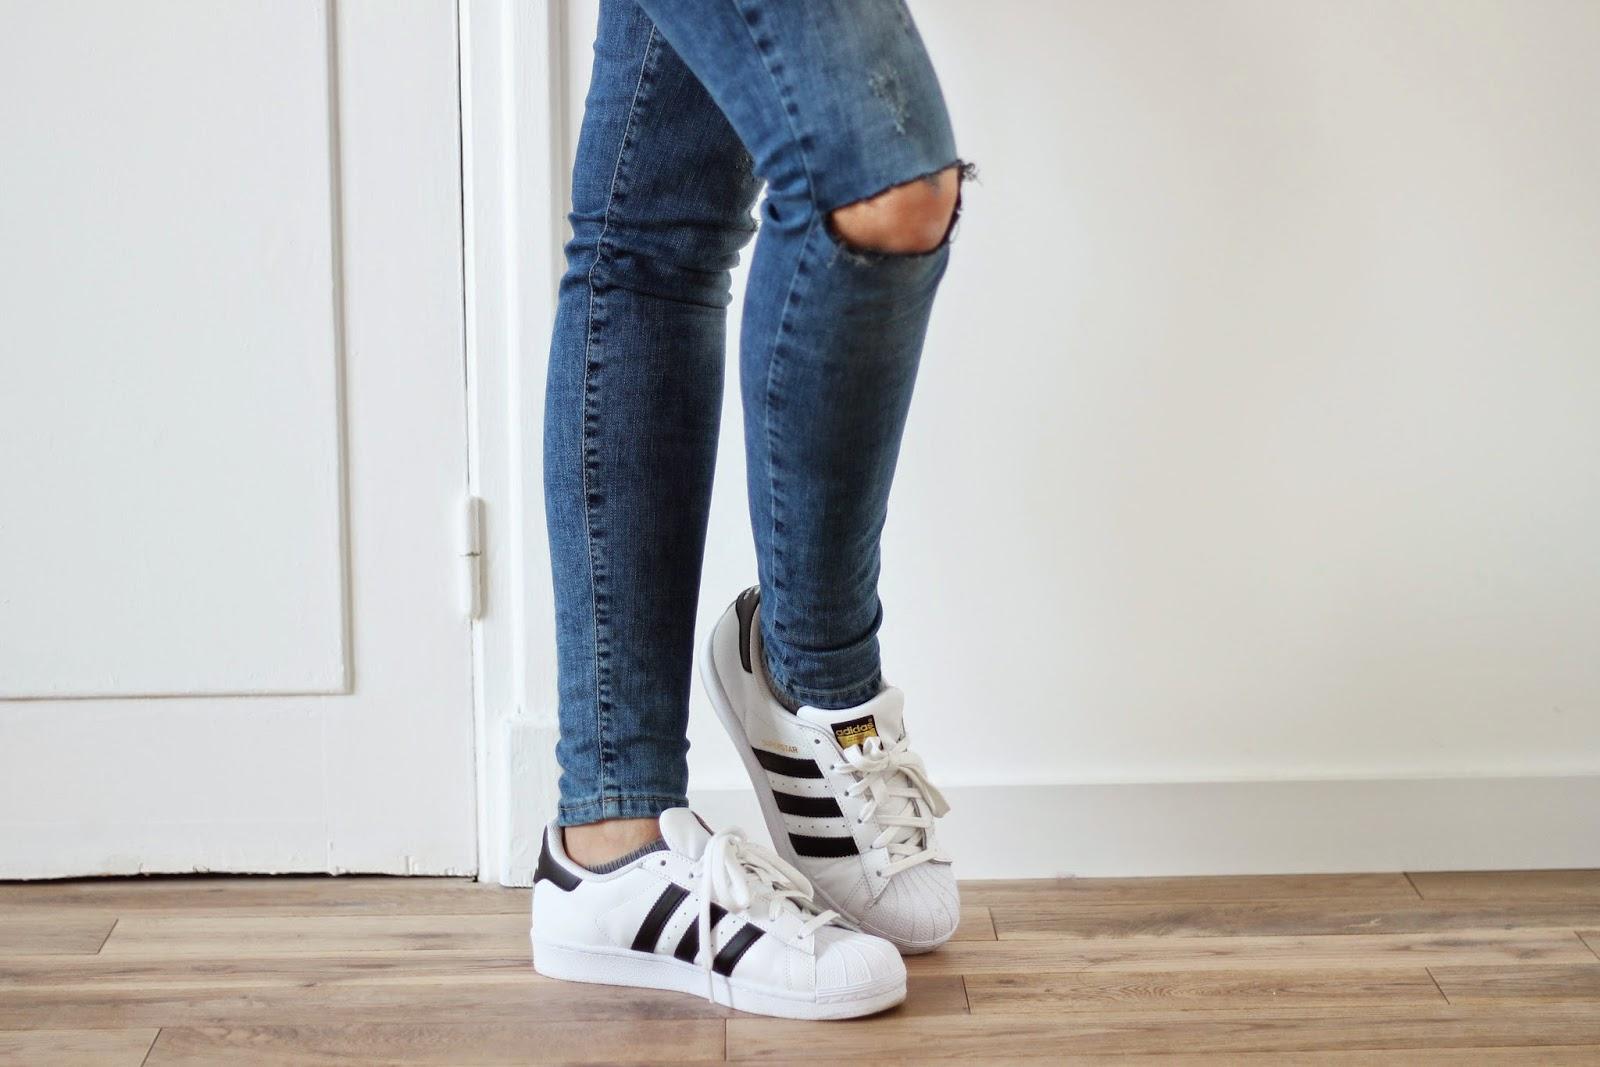 adidas superstar superstar adidas 2 femme porté e5e755 - jalicezhang.com dc8c70321671